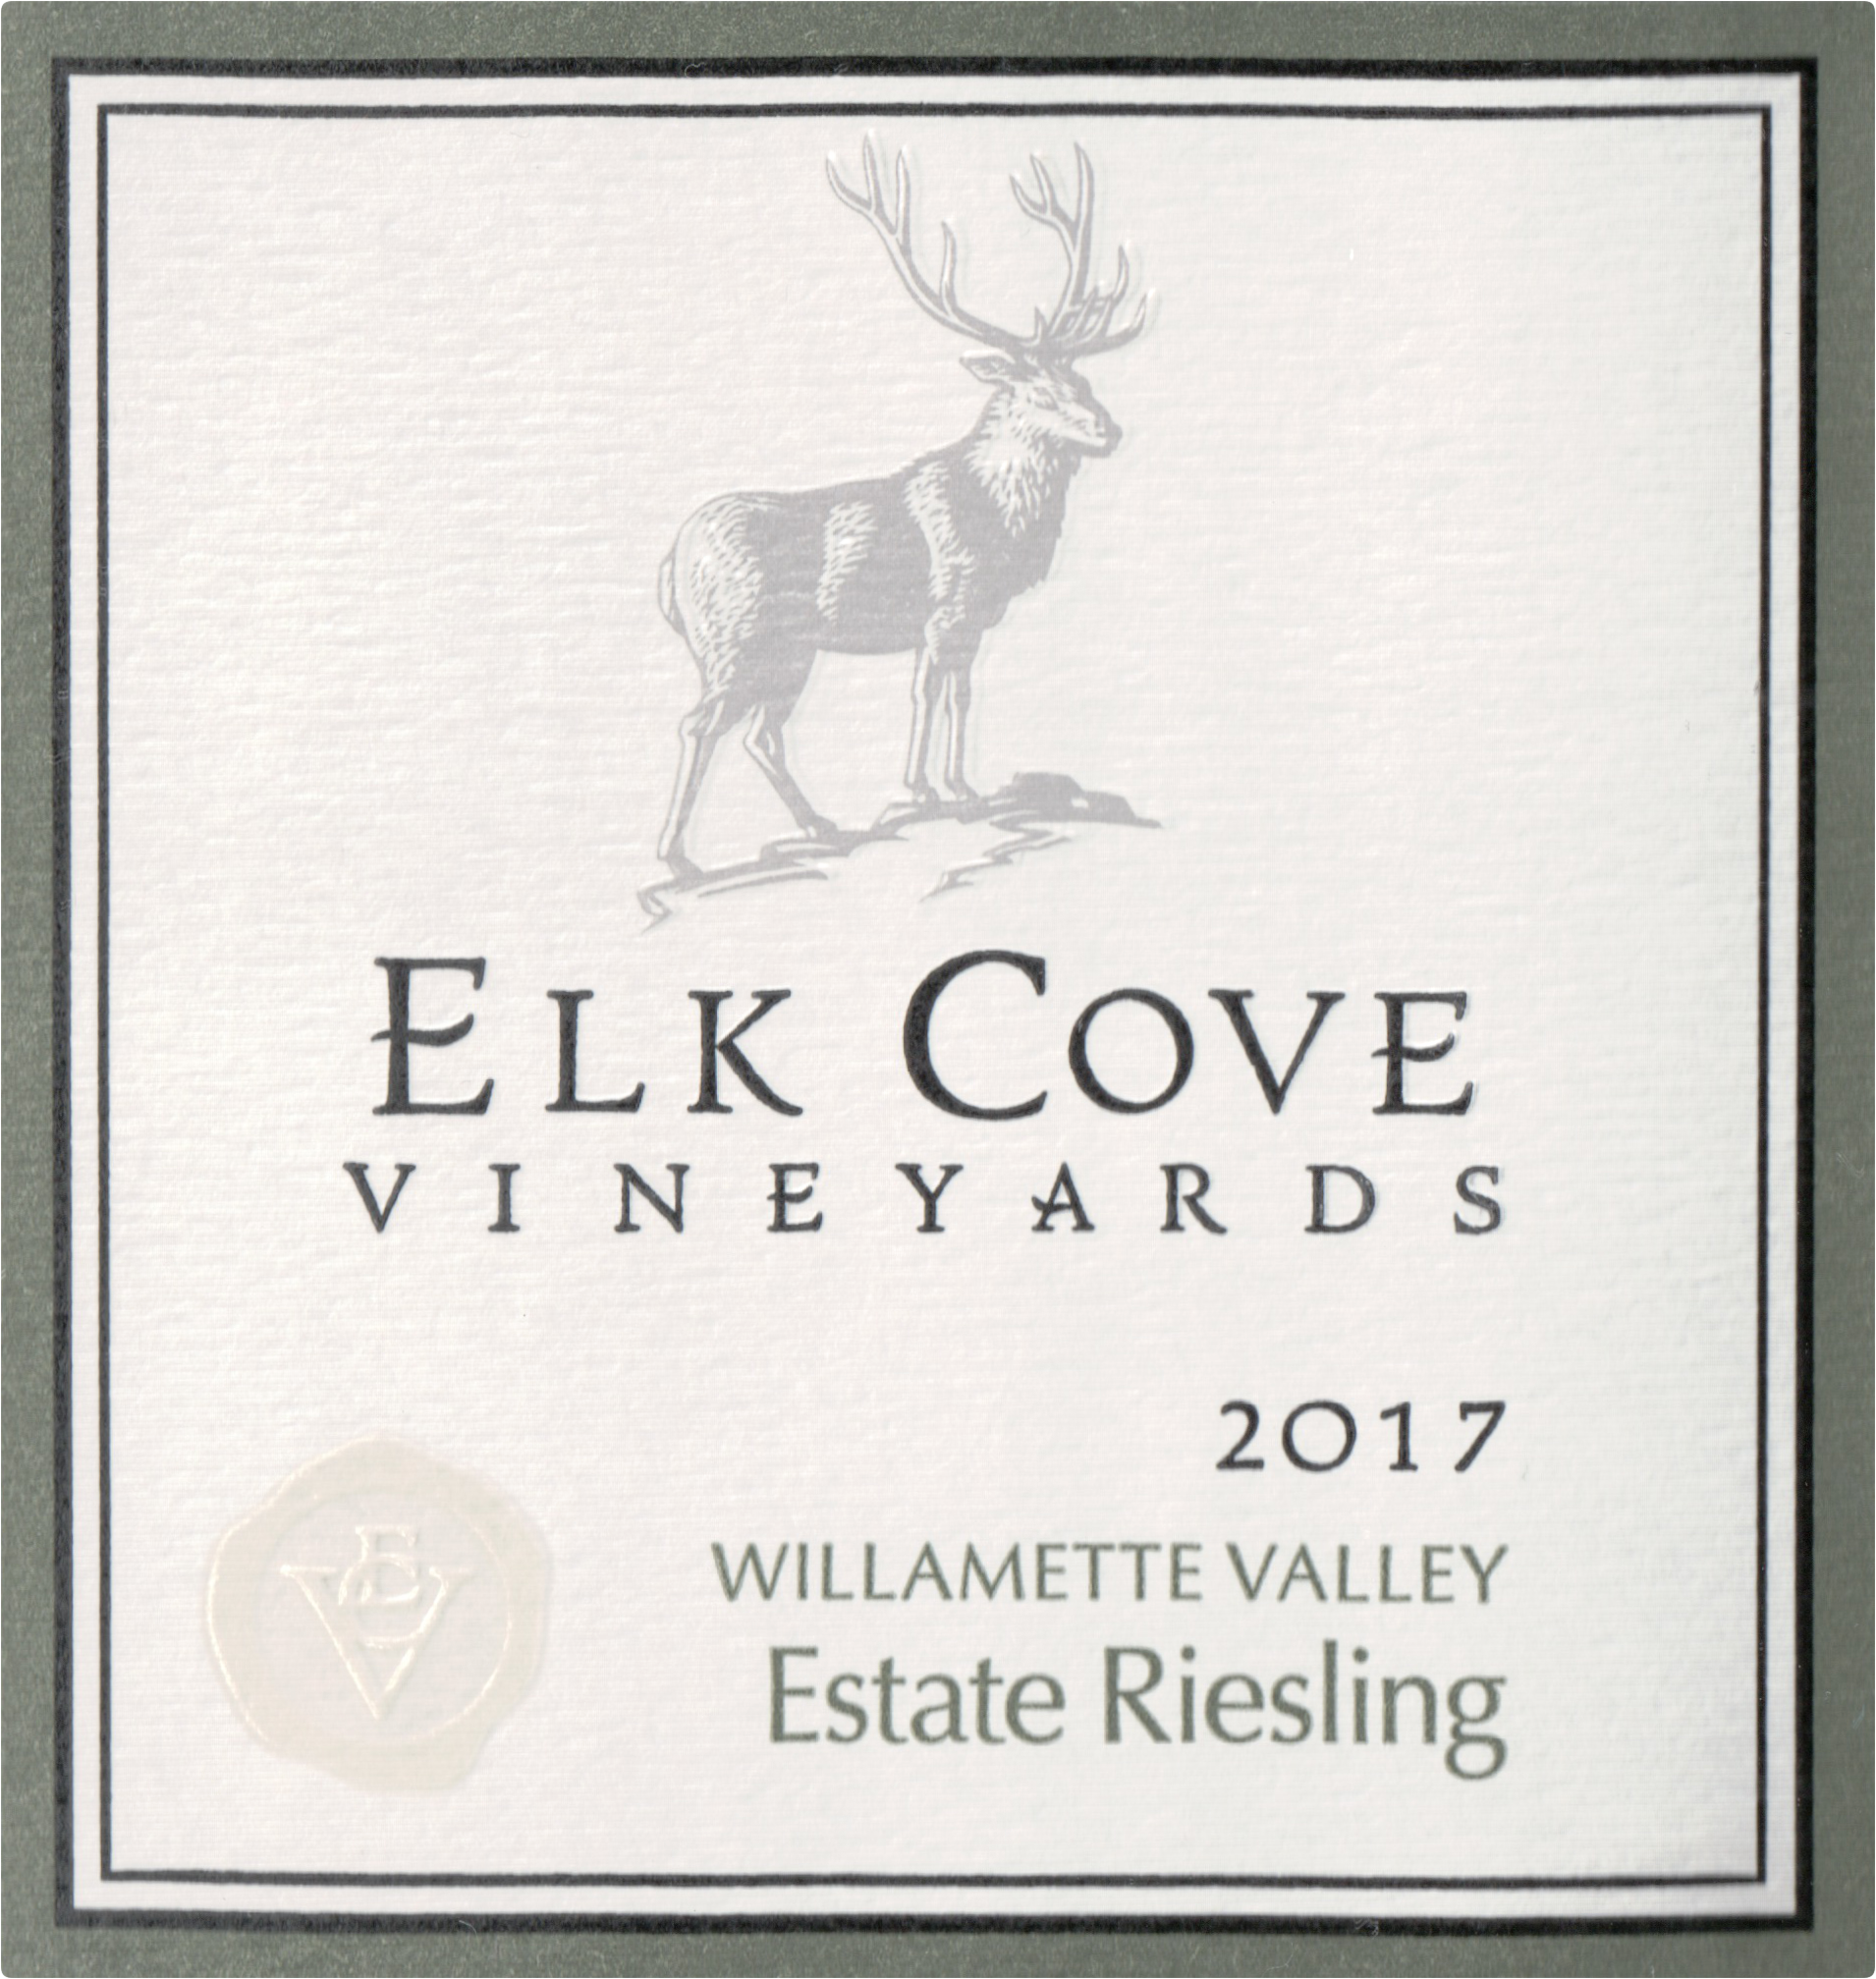 Elk Cove Vineyards Riesling Willamette Valley 2017